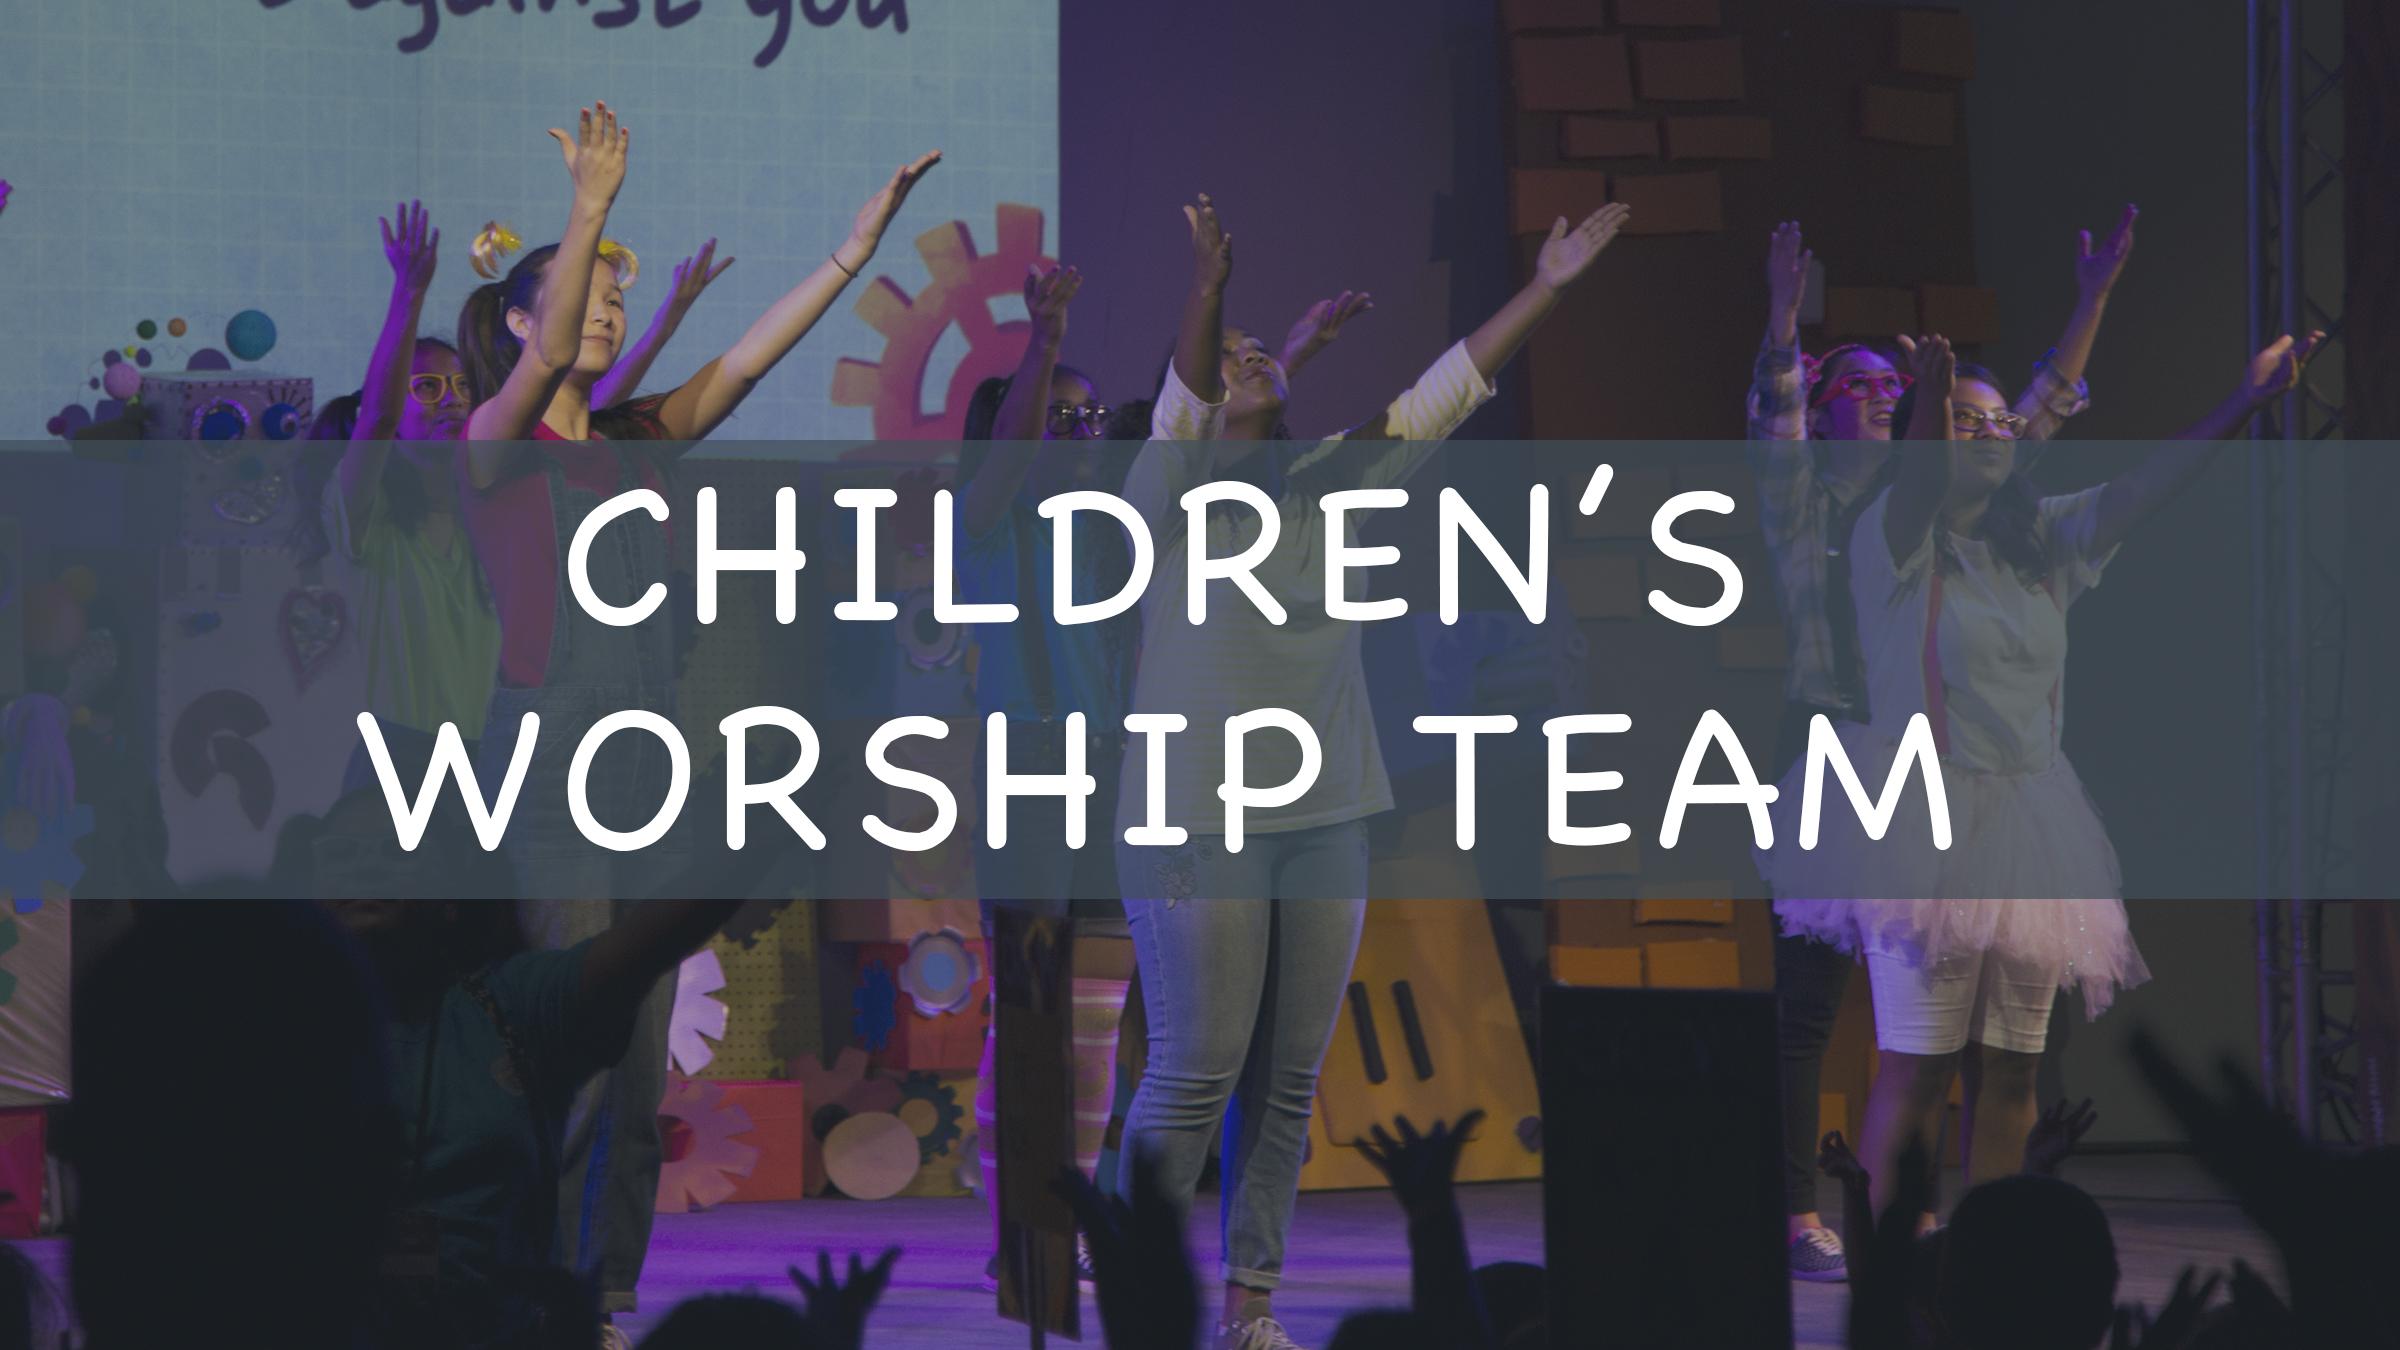 Children's-worship-team.jpg